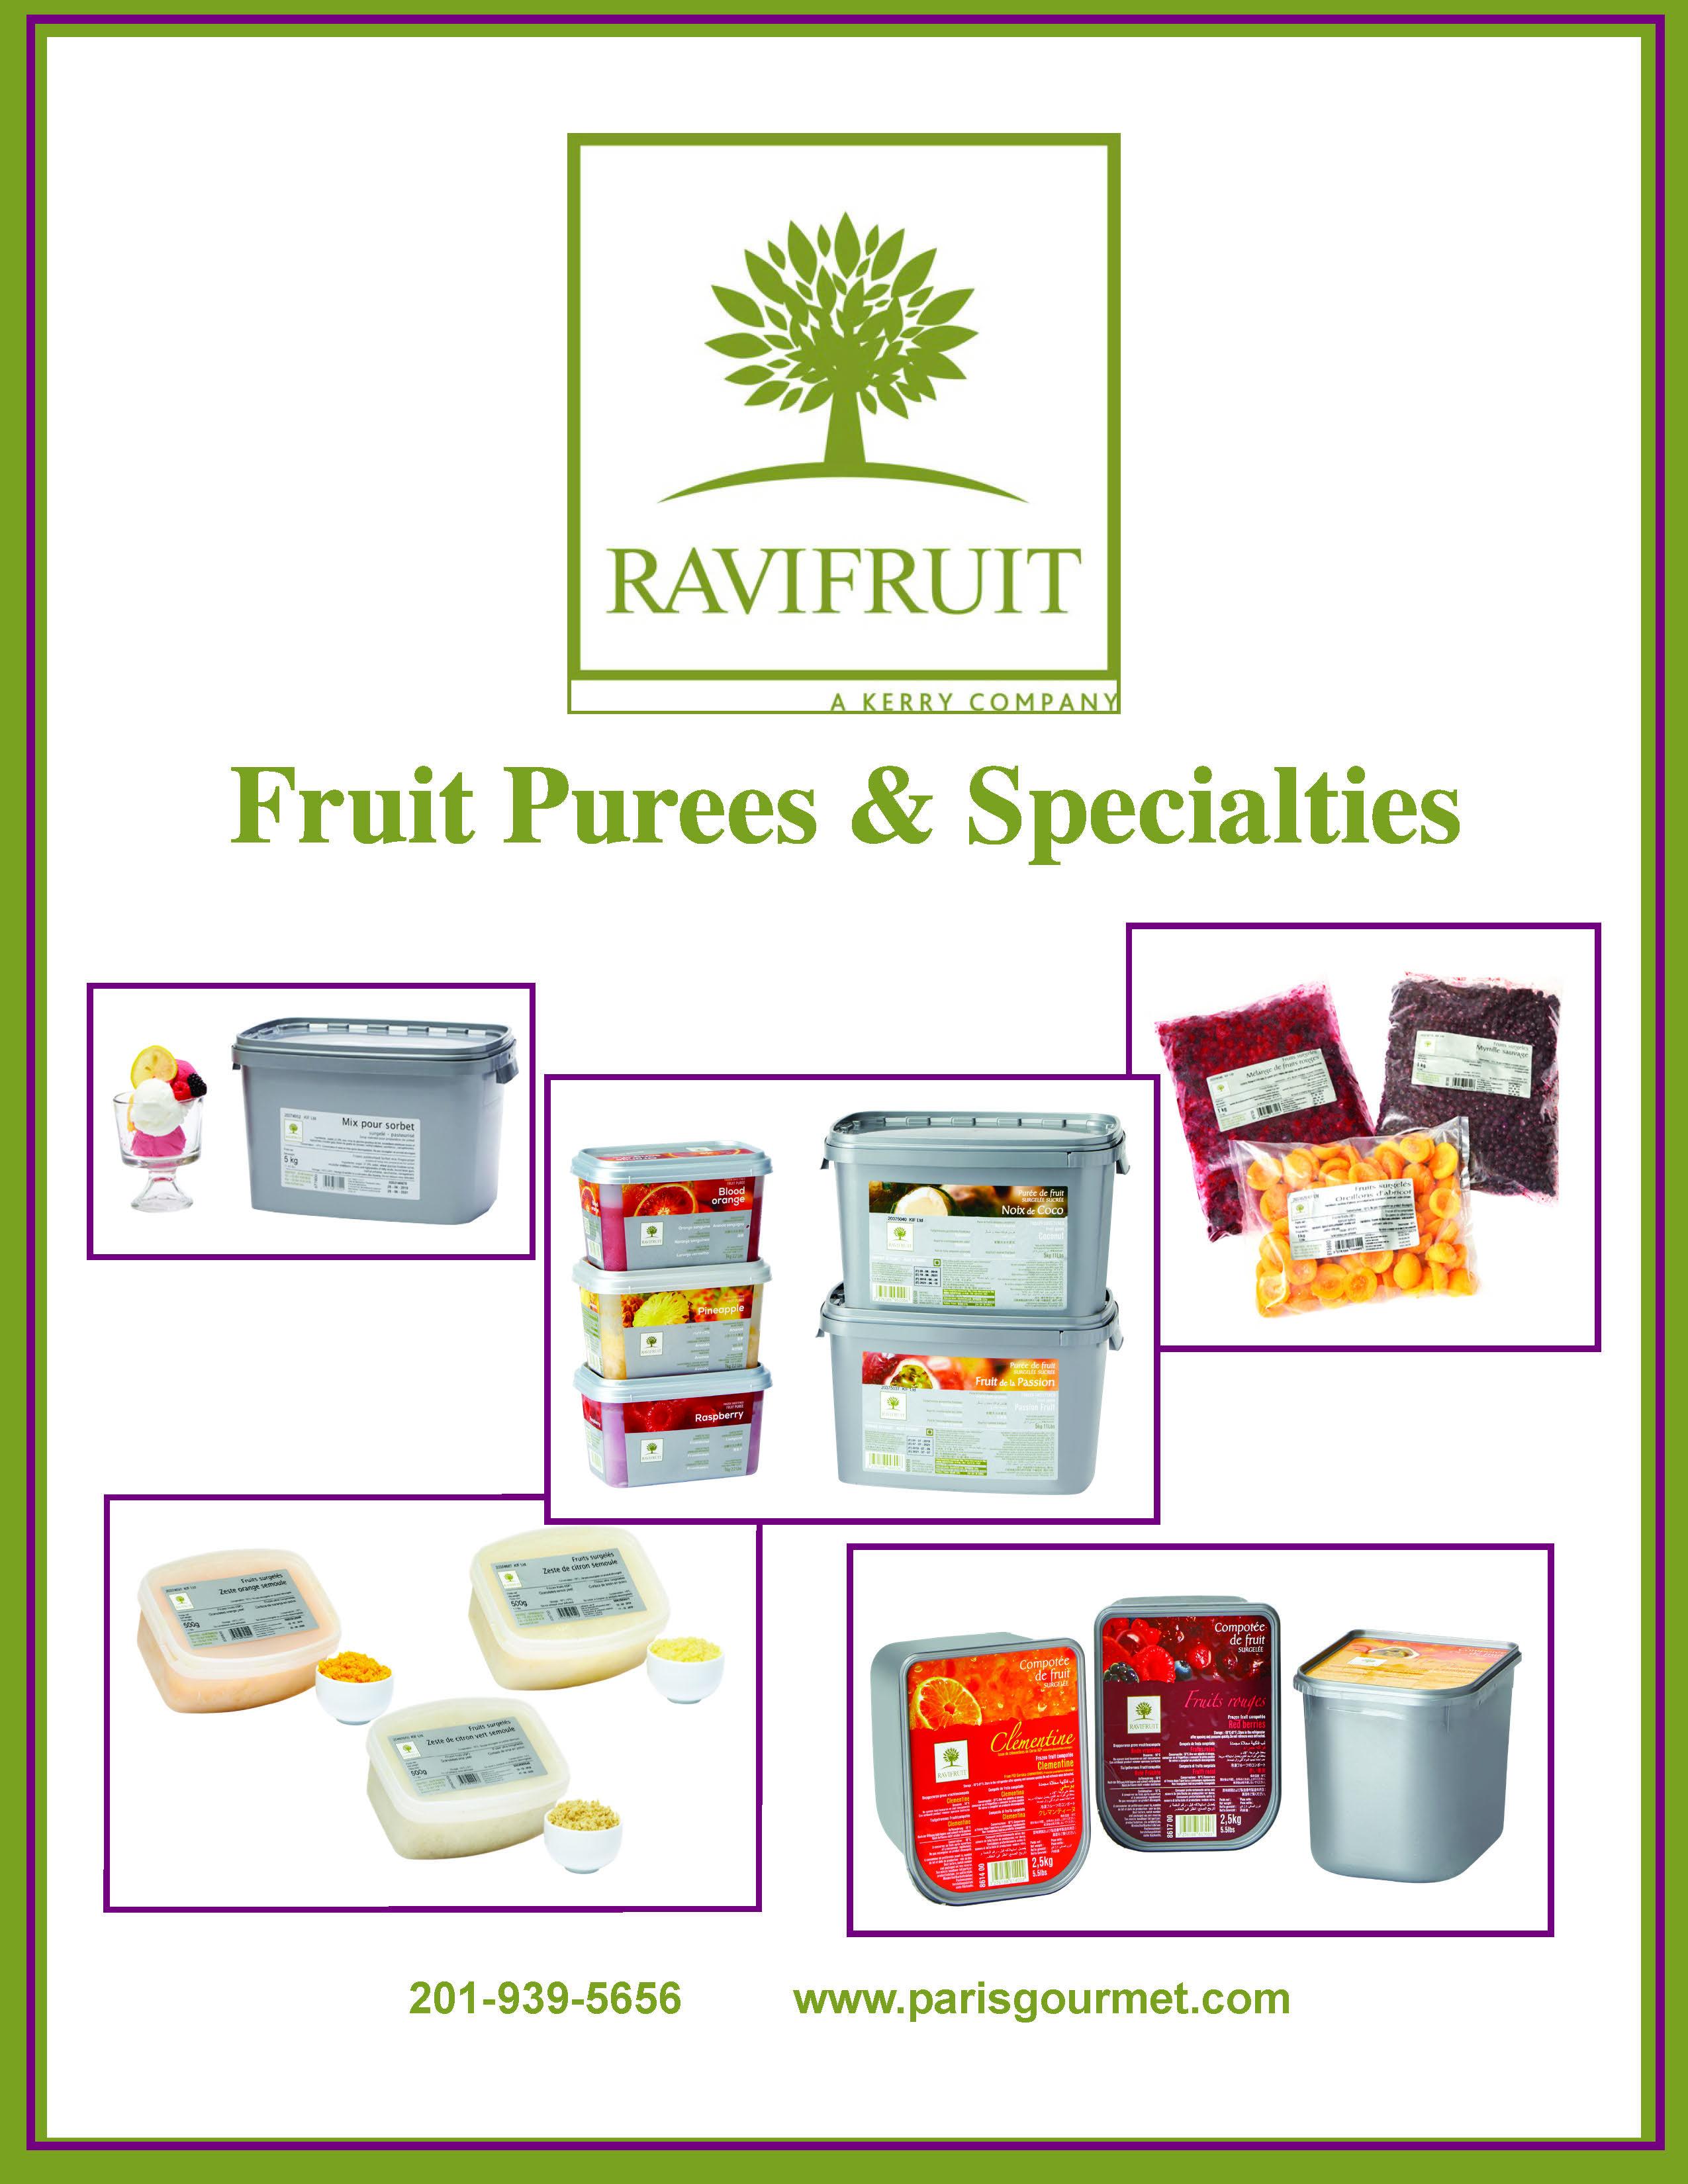 Ravifruit _Brochure_Cover